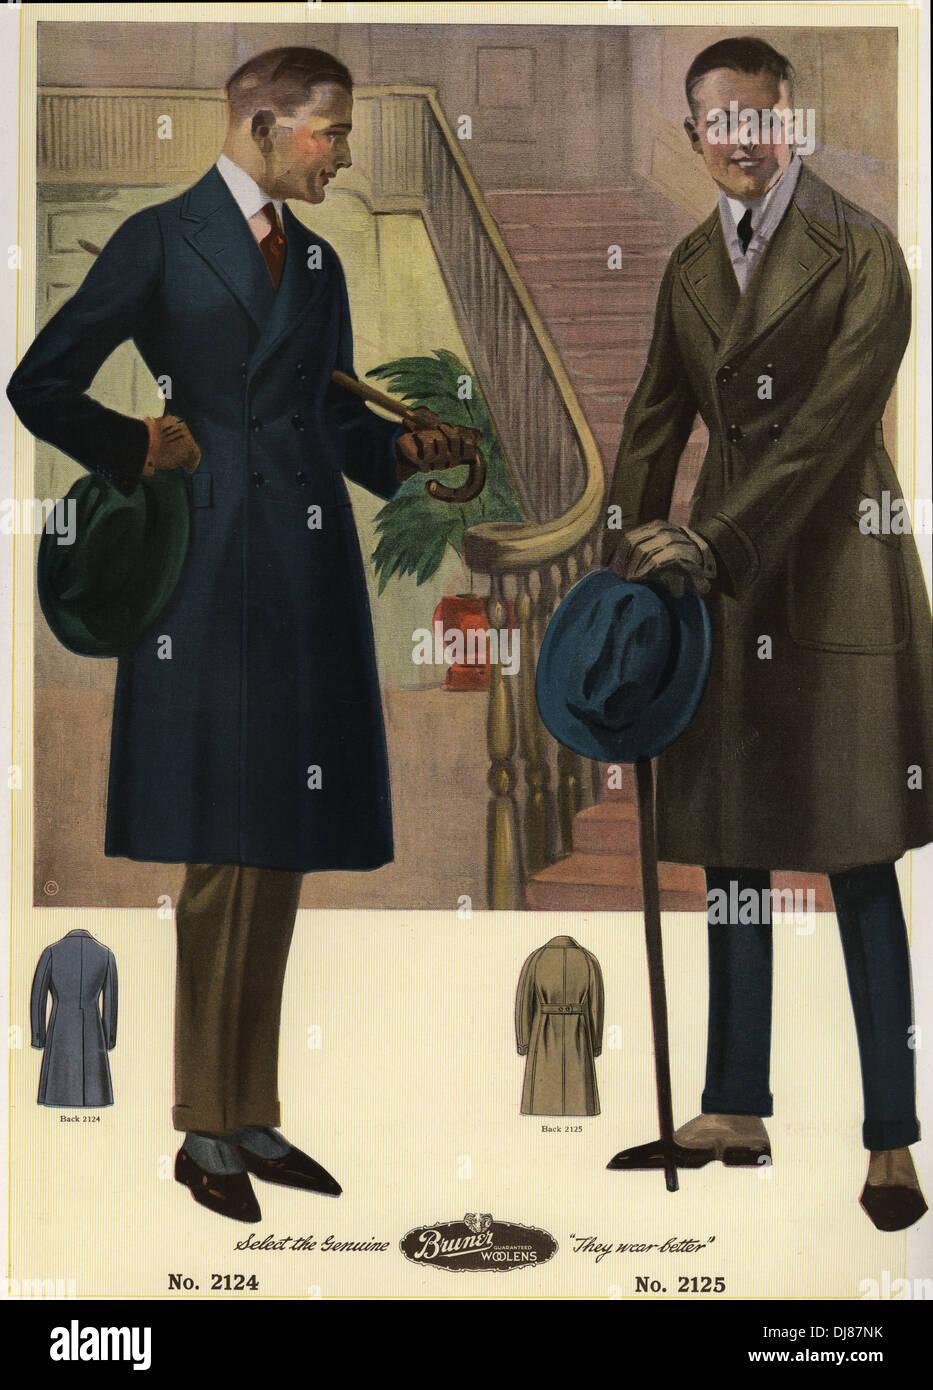 Gli uomini in doppio petto cappotti che porta canne e cappelli, indossando spats. Immagini Stock